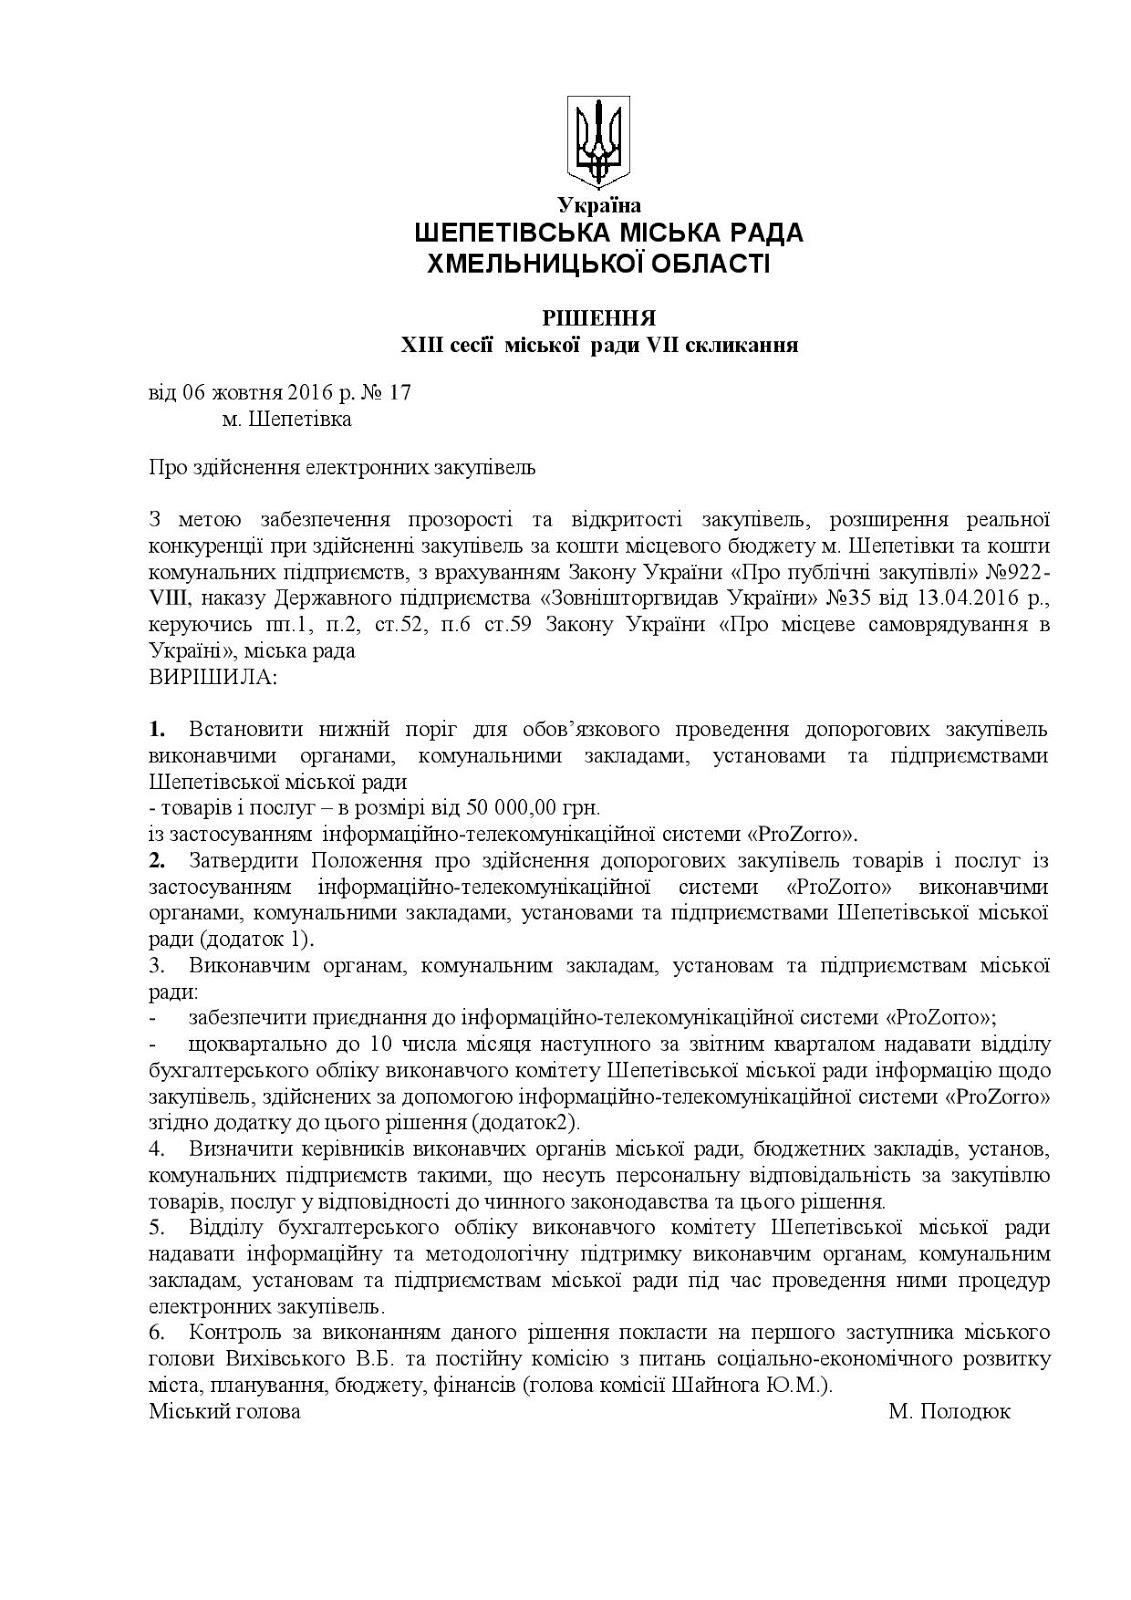 Рішення 13 сесії Шепетівської міської ради  про запровадження допорогових закупівель через майданчик «Прозорро»